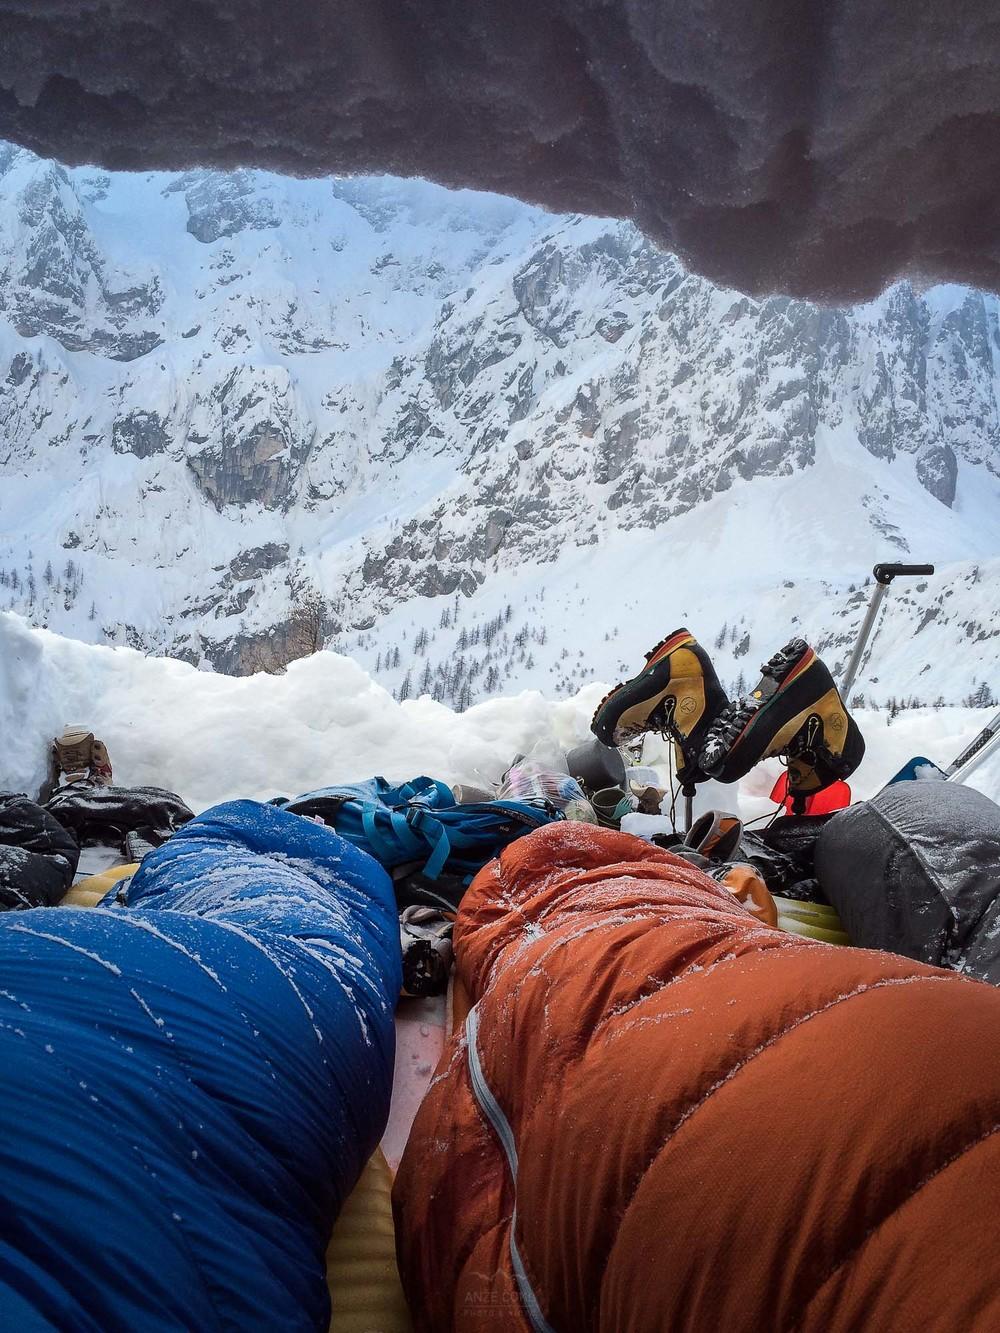 Uporaba bivak vreče tudi ob slabšem vremenu ni nujna.